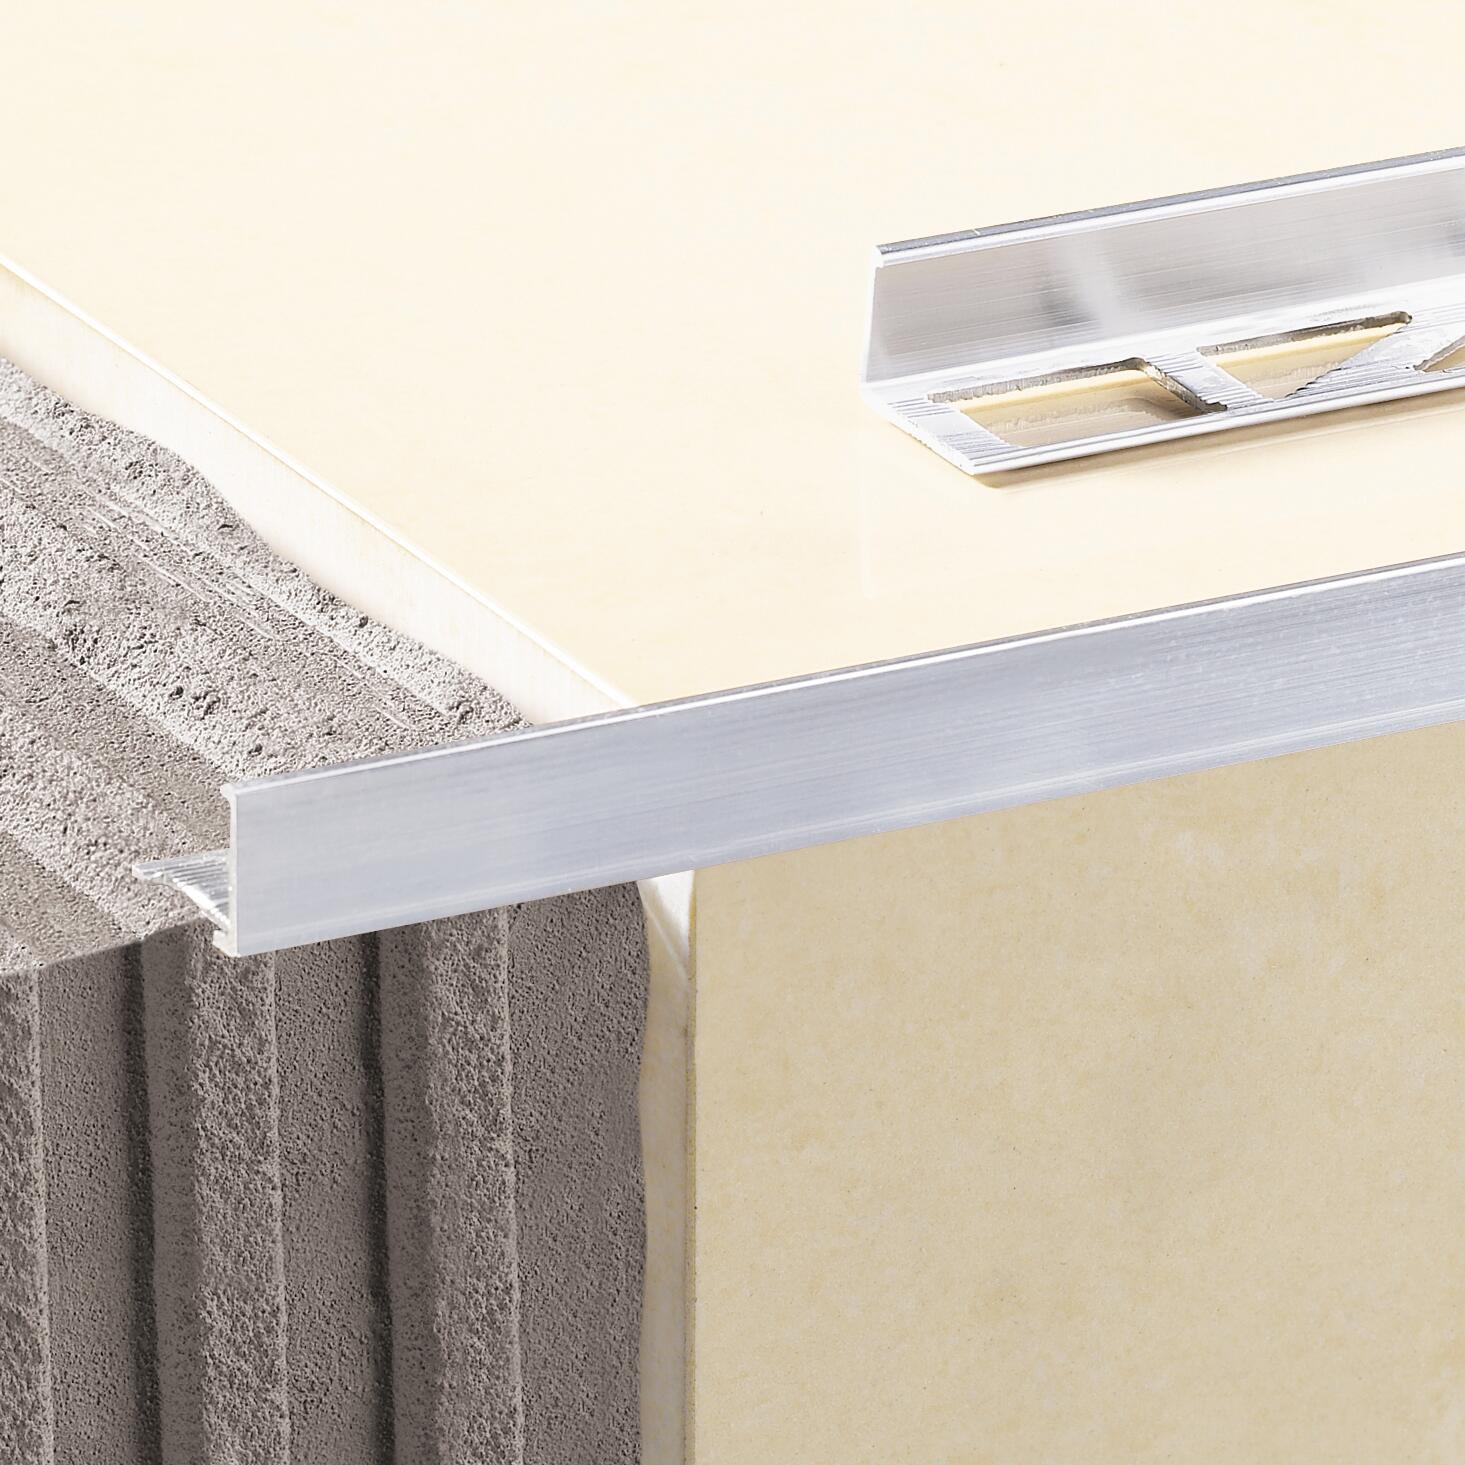 Profilo angolare interno in alluminio anodizzato Sp 17.4 mm L 250 cm grigio - 1